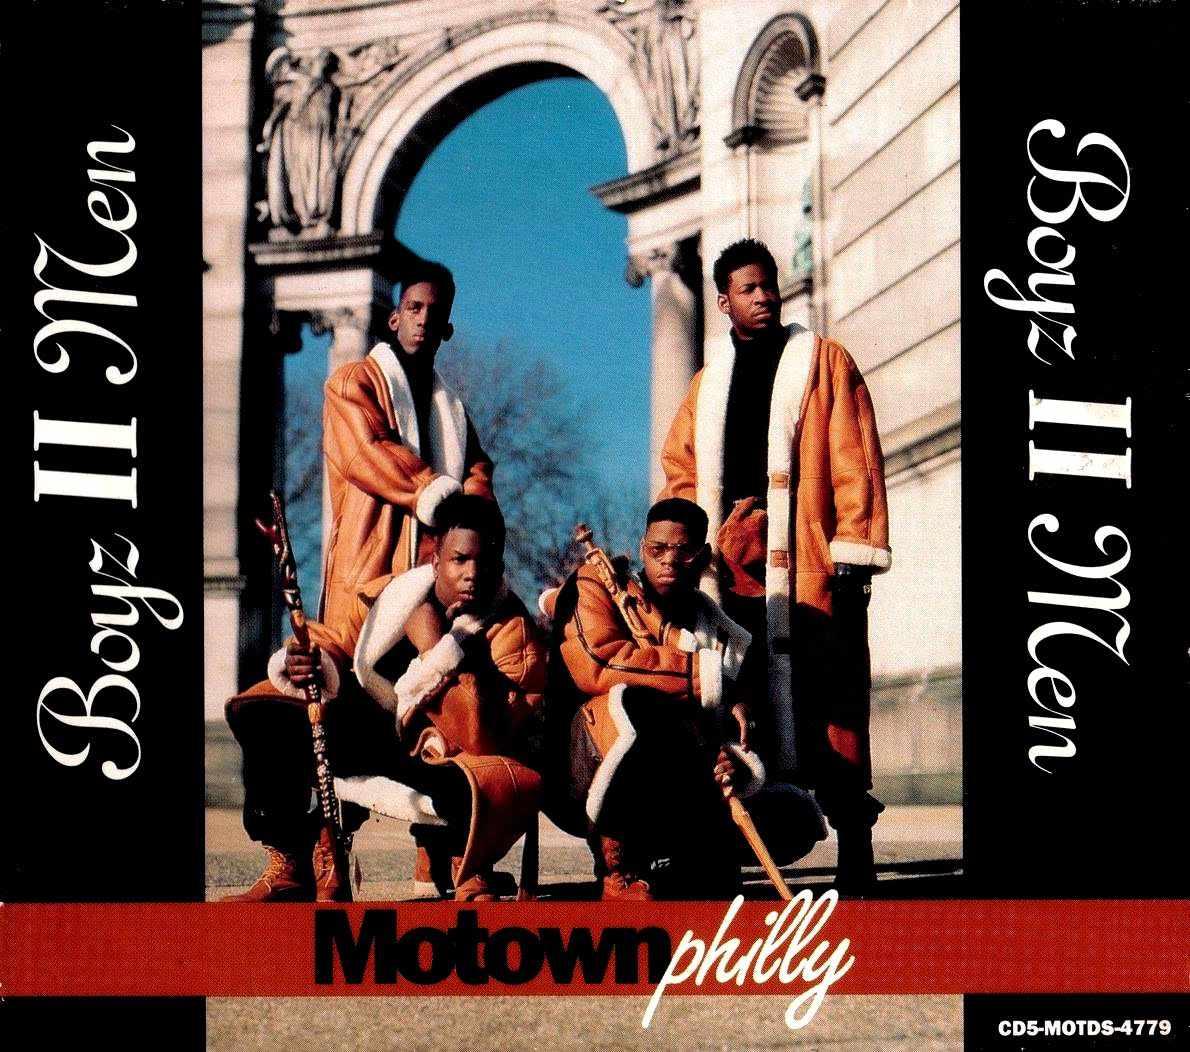 Boyz II Men Motownphilly